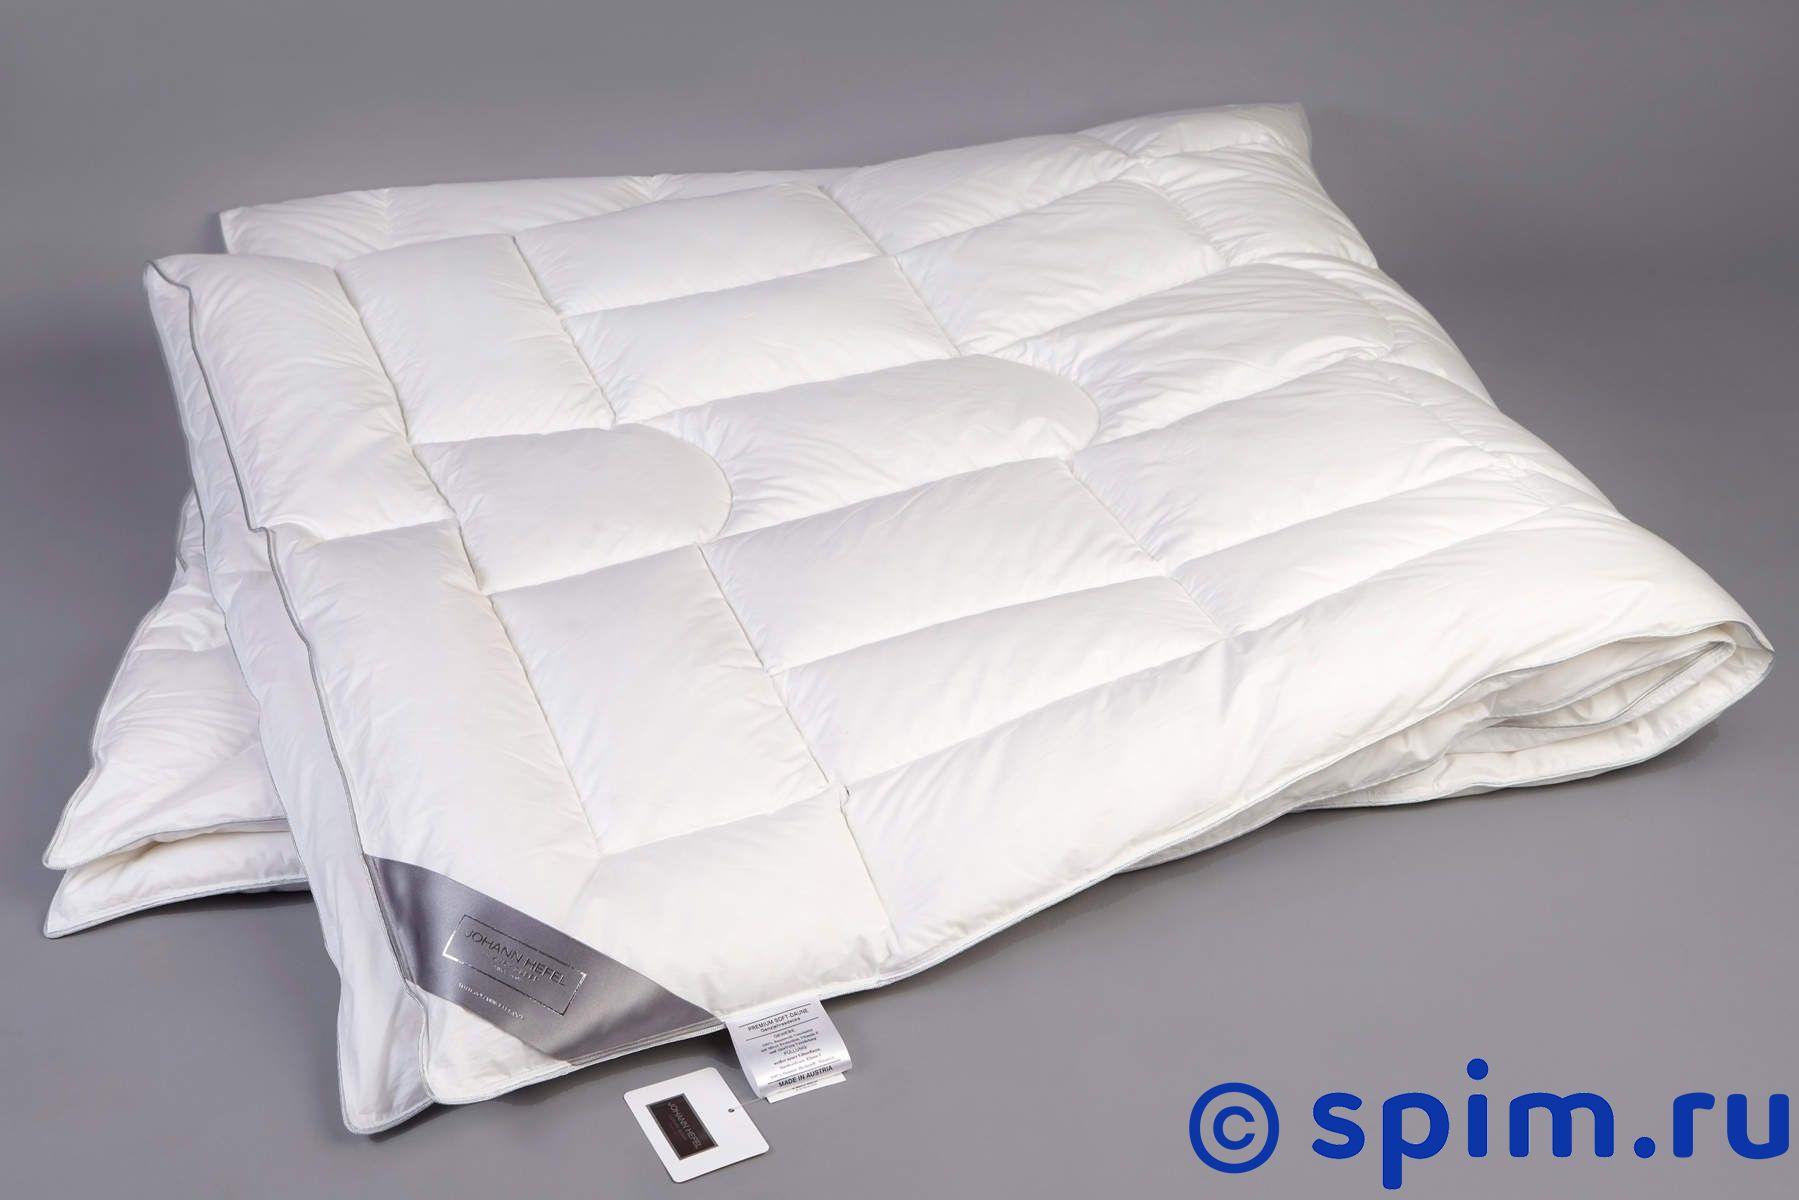 Одеяло Jh Premium Soft Down Gd 150х210 см